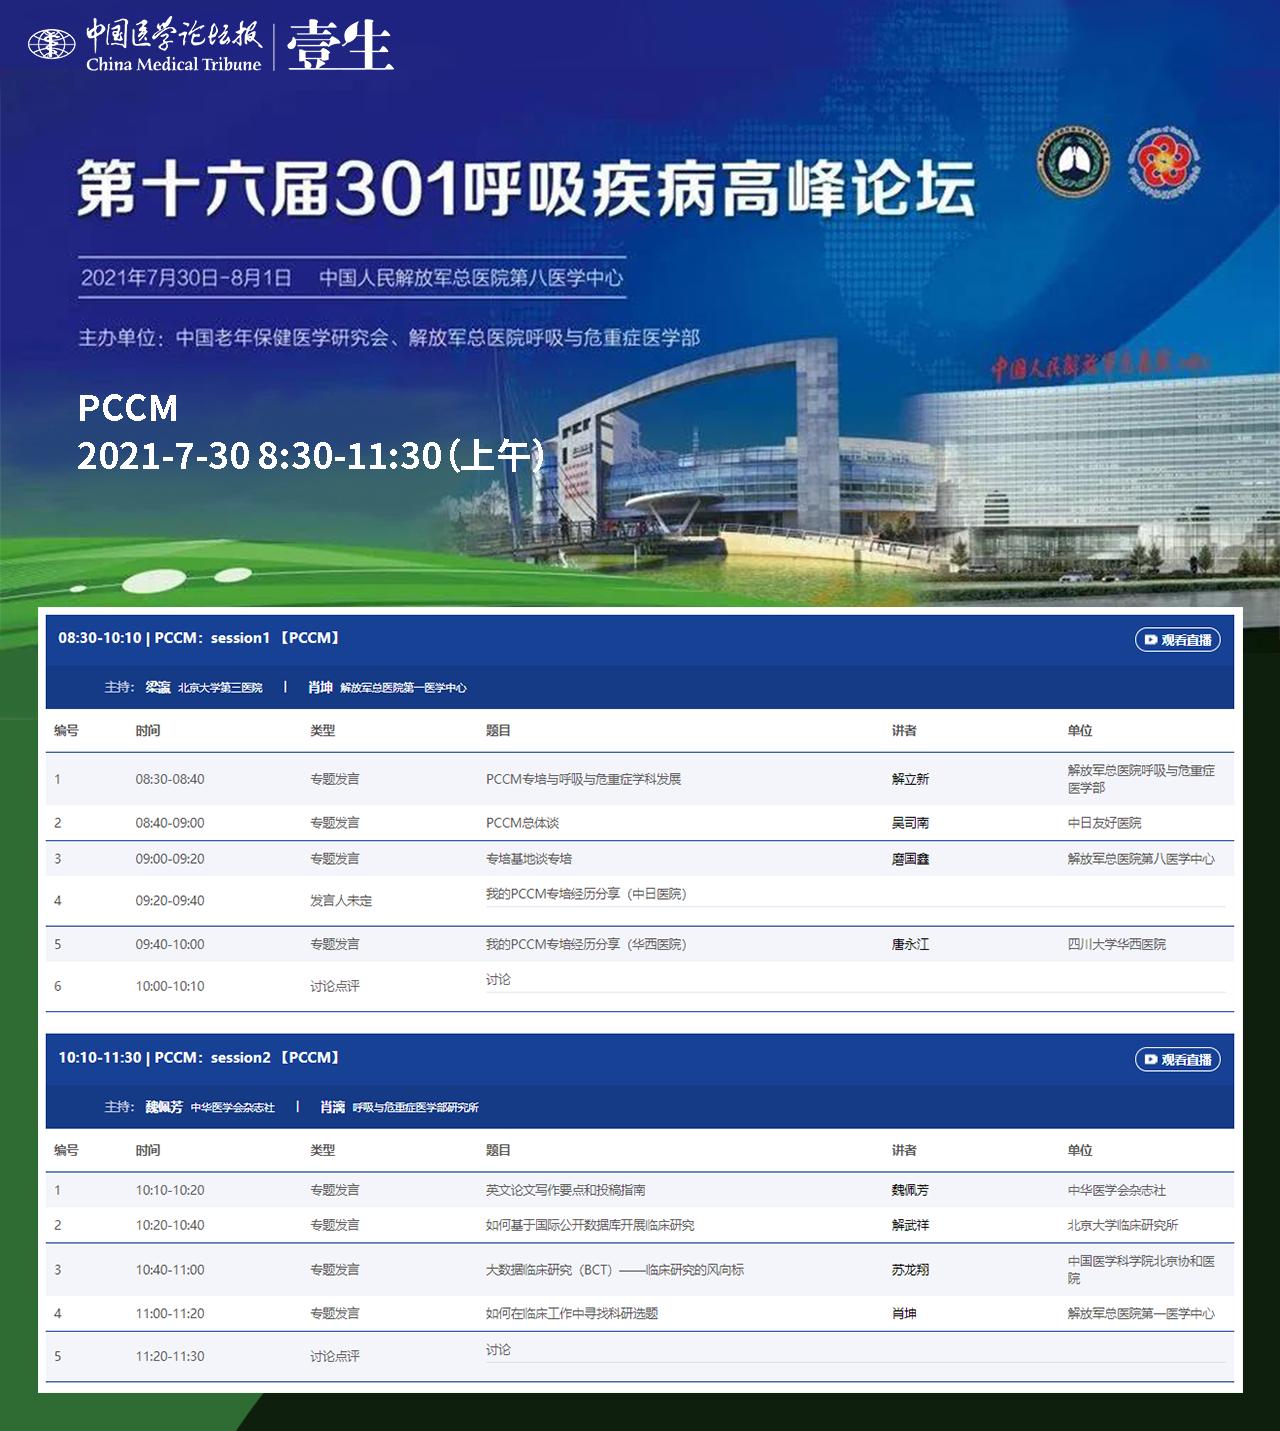 7.30PCCM(上午)海报.png